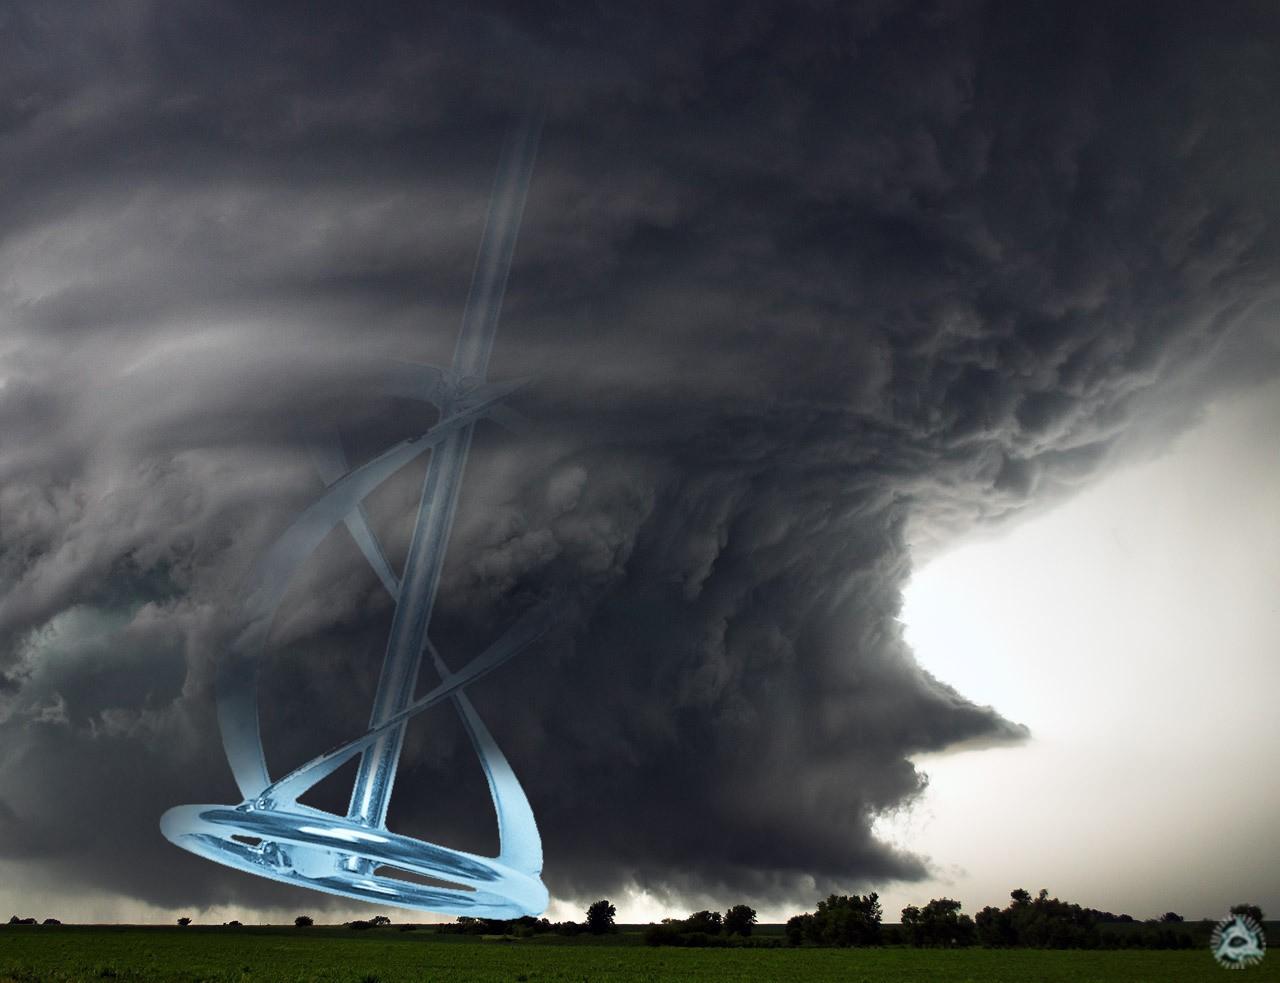 borg drone with Tornadomixer on Nm0409430 in addition Own Goal Serie Wm2014 additionally Ostzone Kunden Die Das Gekauft Haben Mauer moreover Tornadomixer moreover The Price Of Past Sins Star Trek Fan 27.